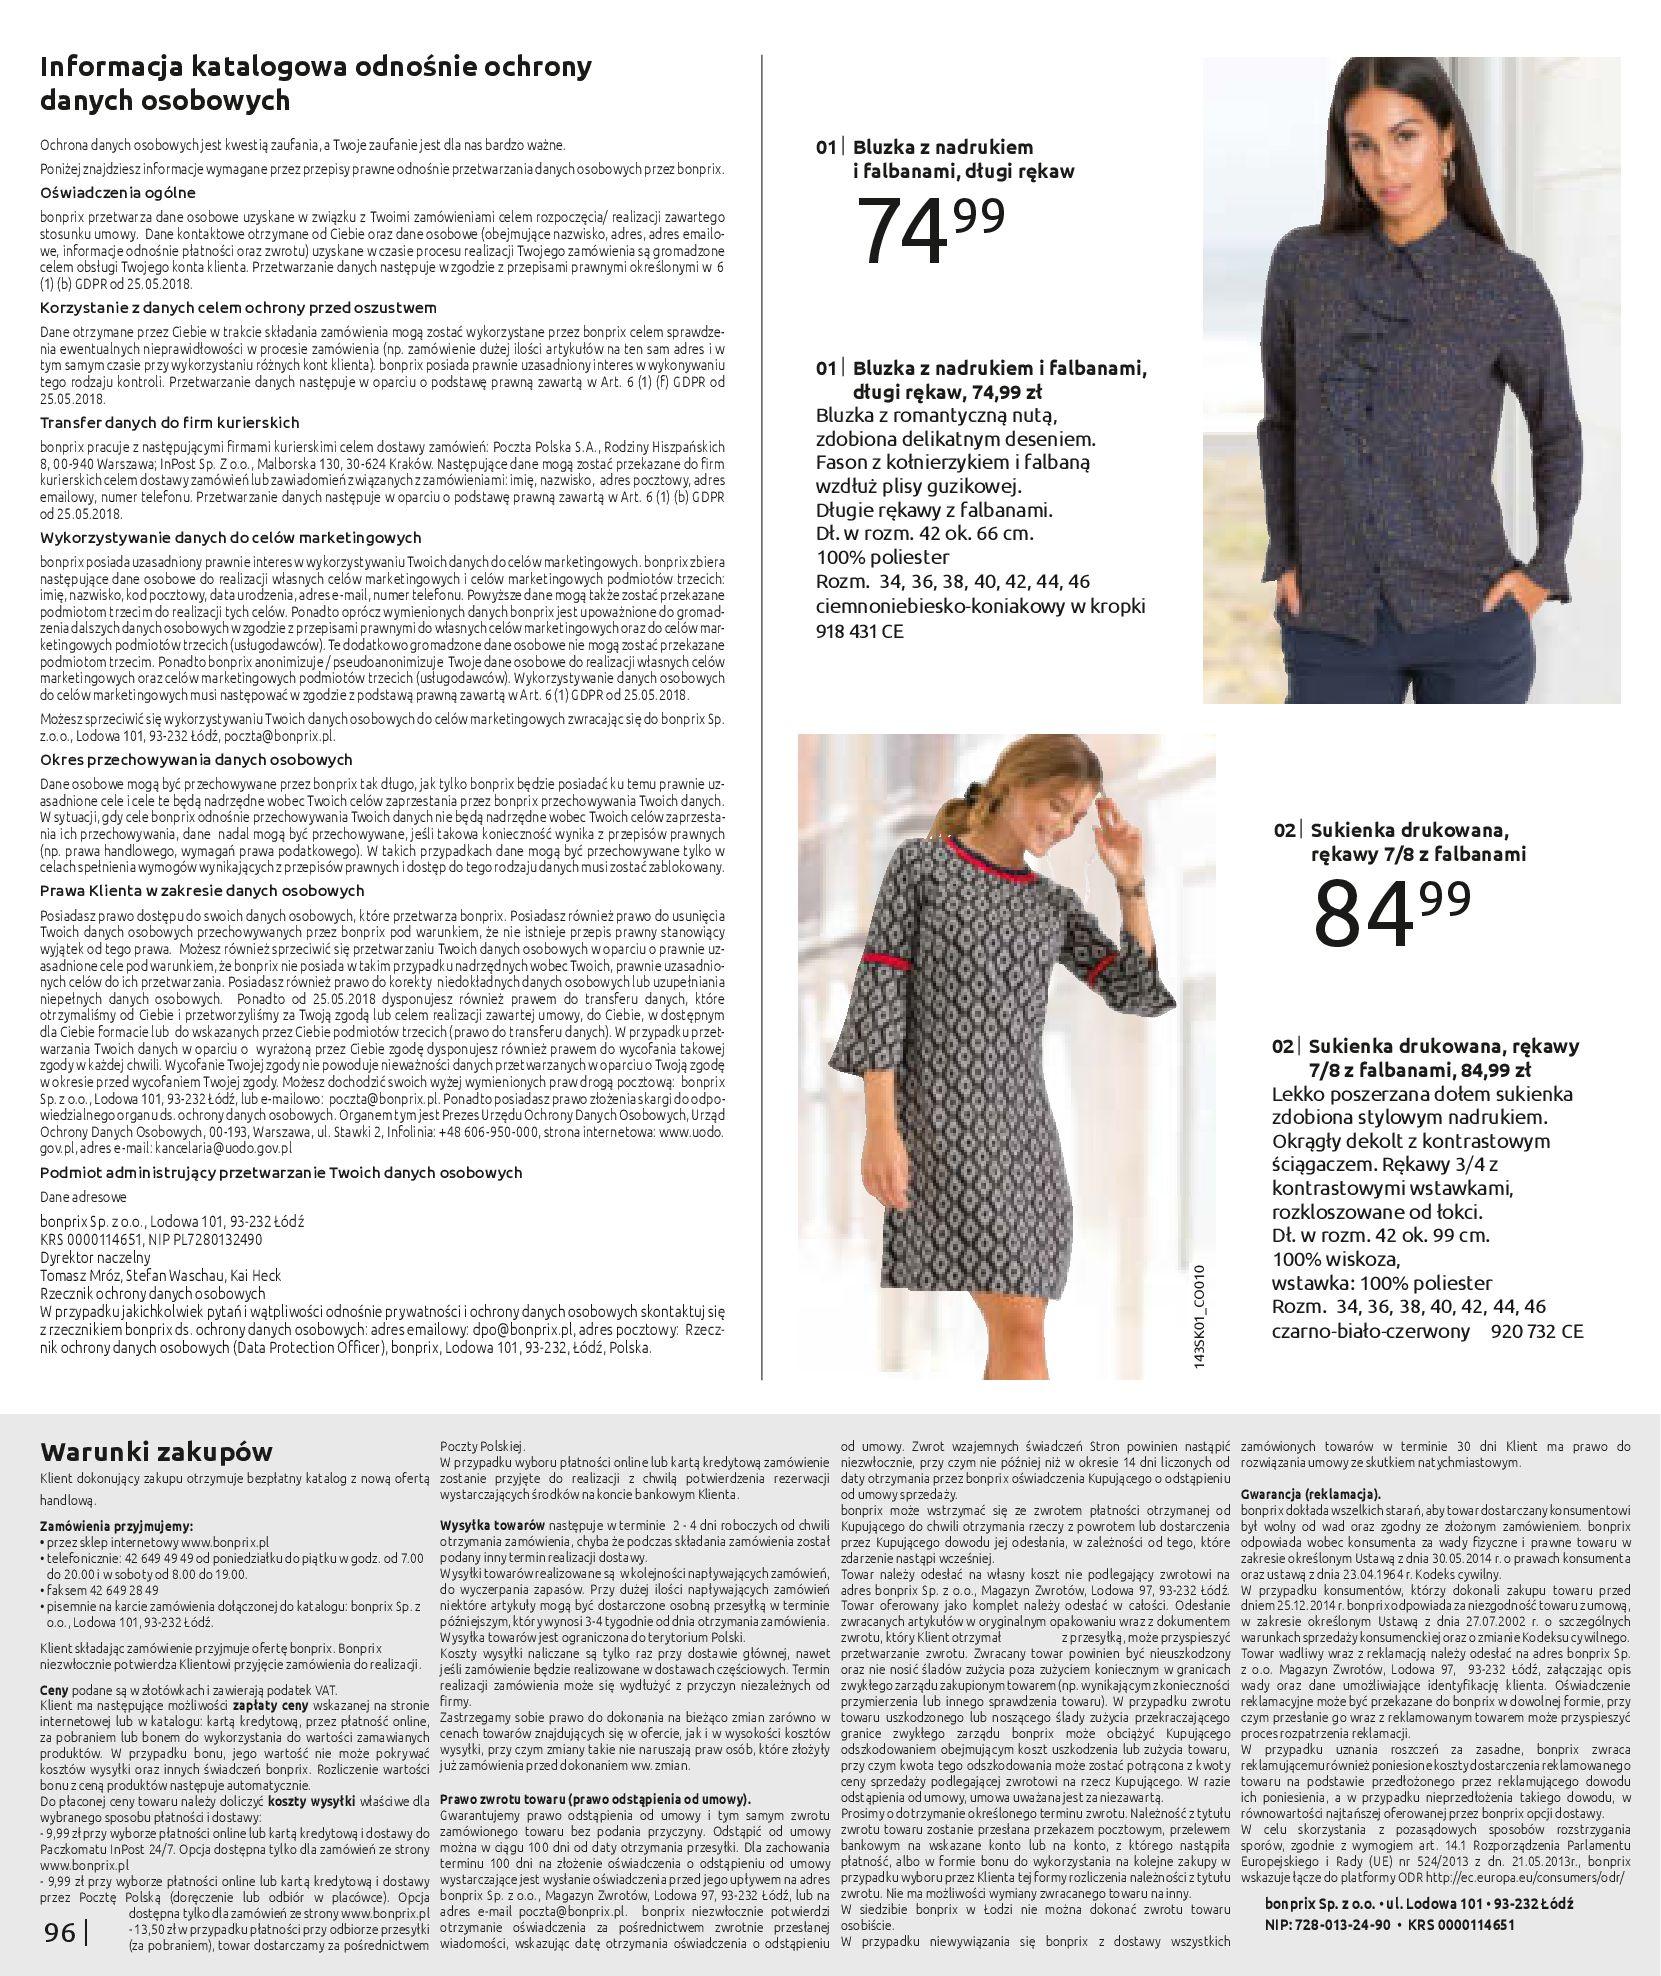 Gazetka Bonprix: MODA DLA MNIE 2021-01-20 page-98